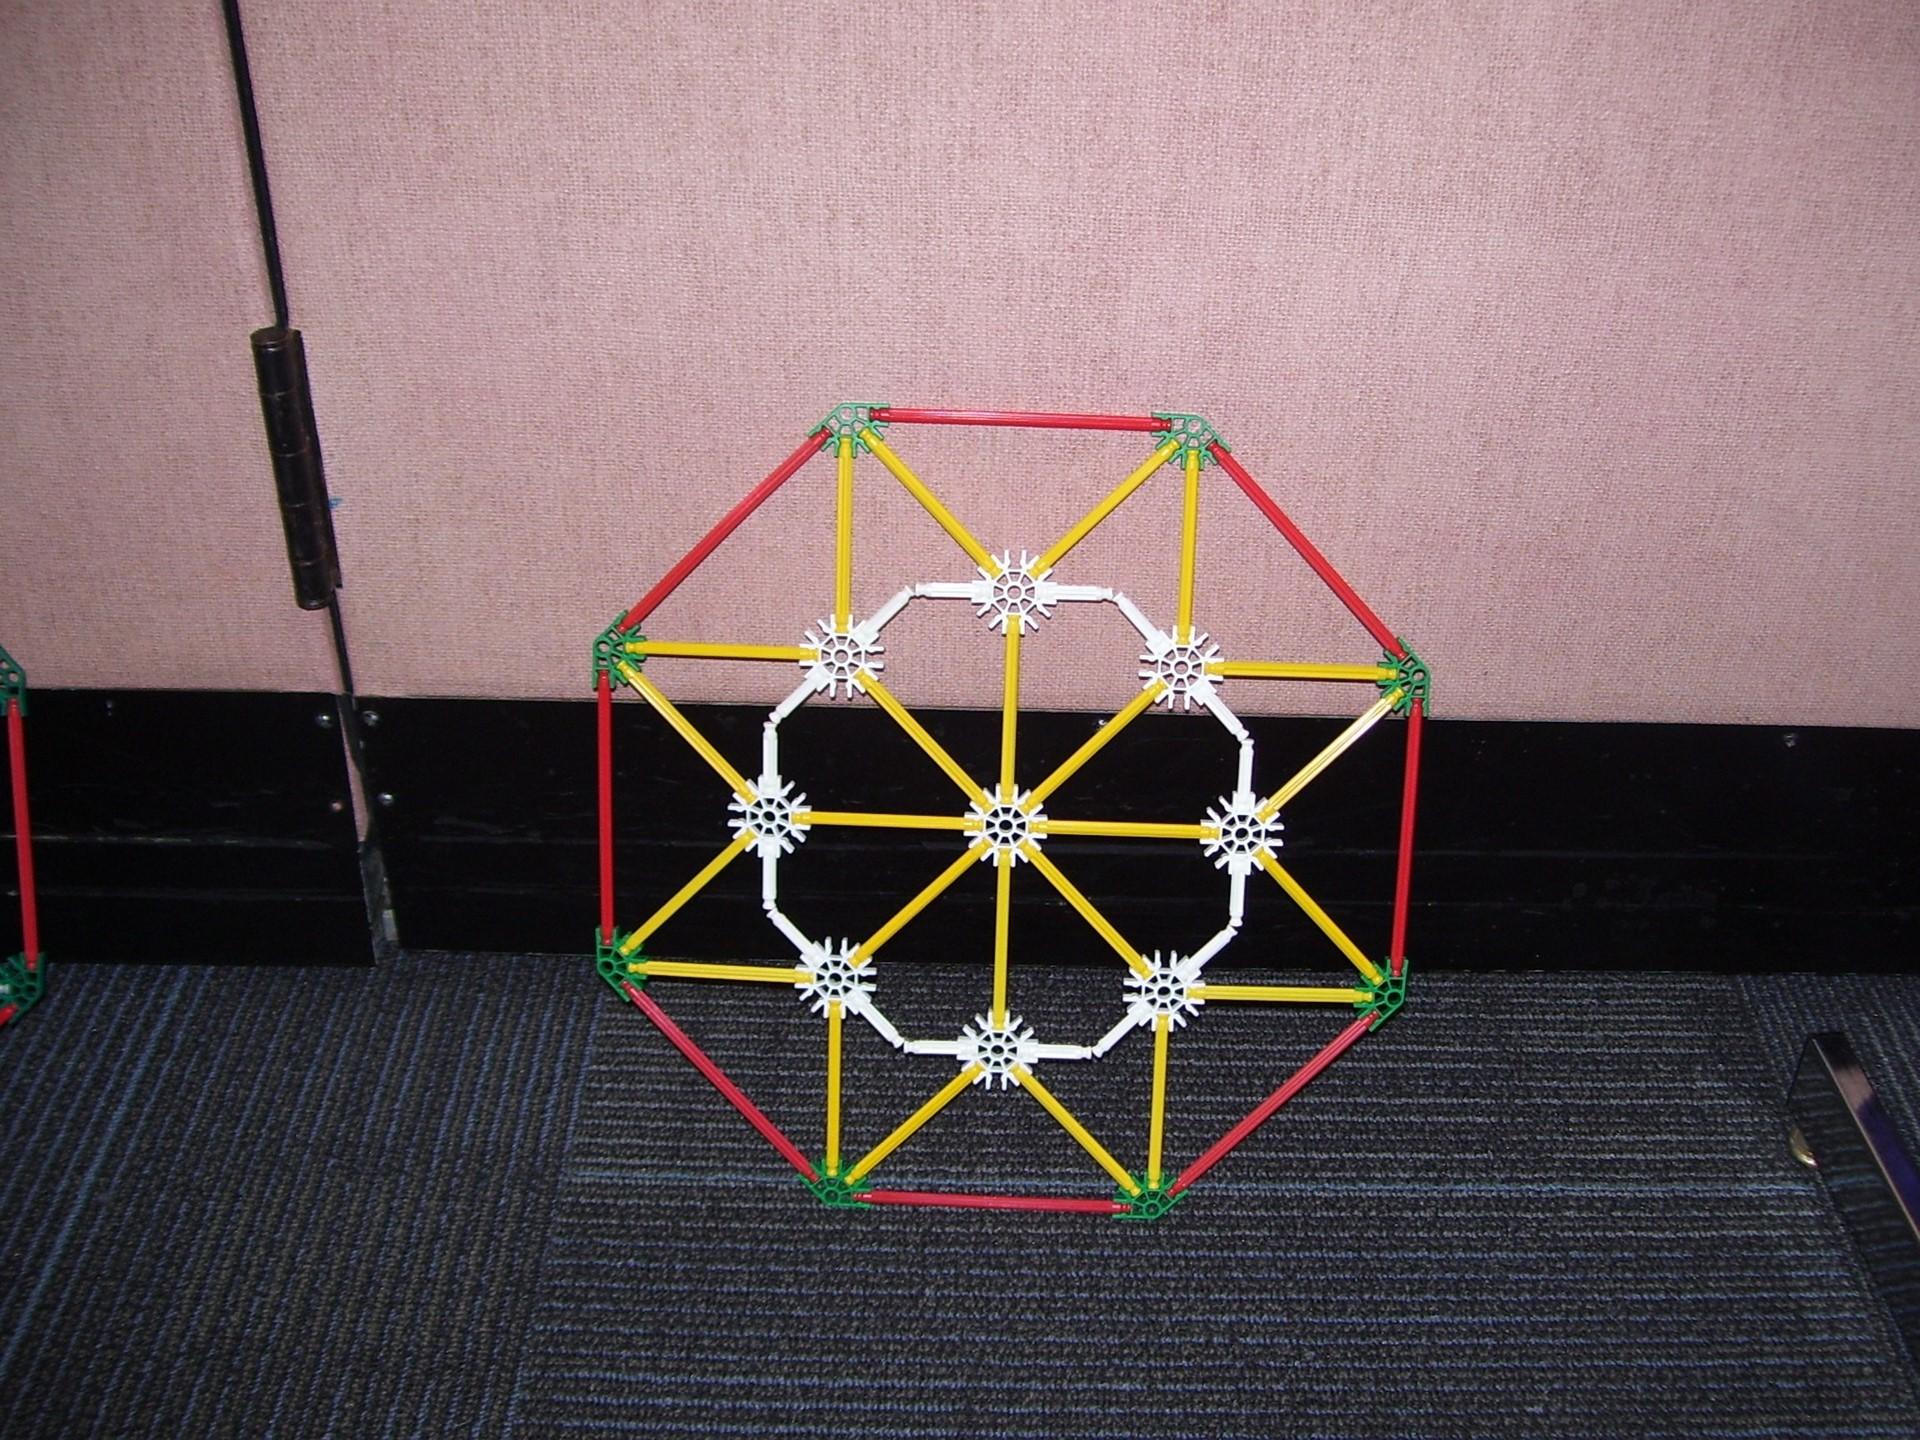 Knex Frisbee Challenge